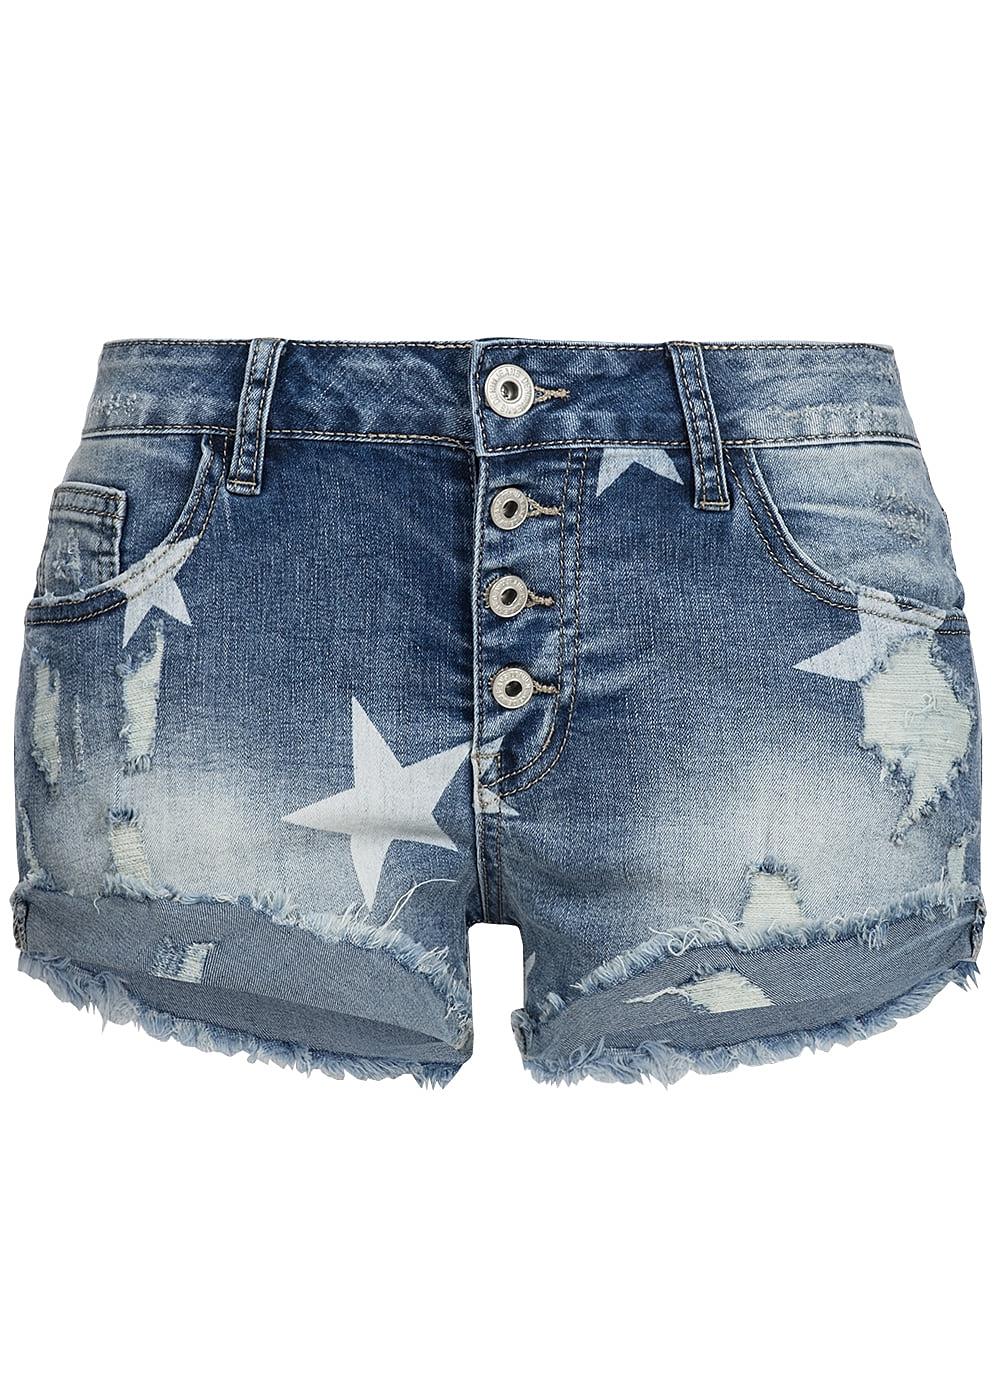 hailys damen jeans short sternen muster destroy look blue denim 77onlineshop. Black Bedroom Furniture Sets. Home Design Ideas